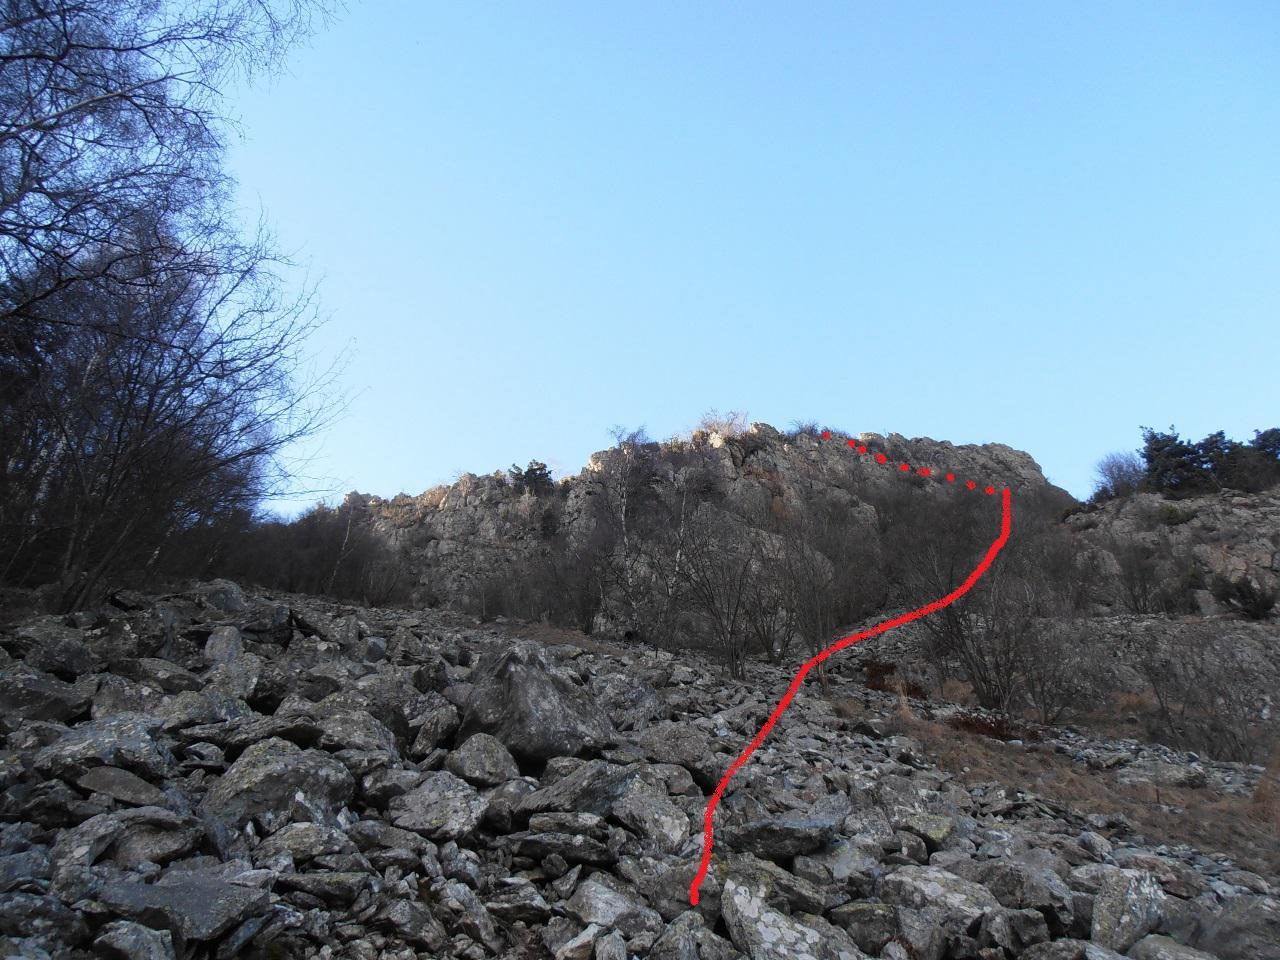 01 - arrivando dal sentiero Stella Polare in direzione Arponetto, ecco la direzione da tenere una volta arrivati al primo ghiaione